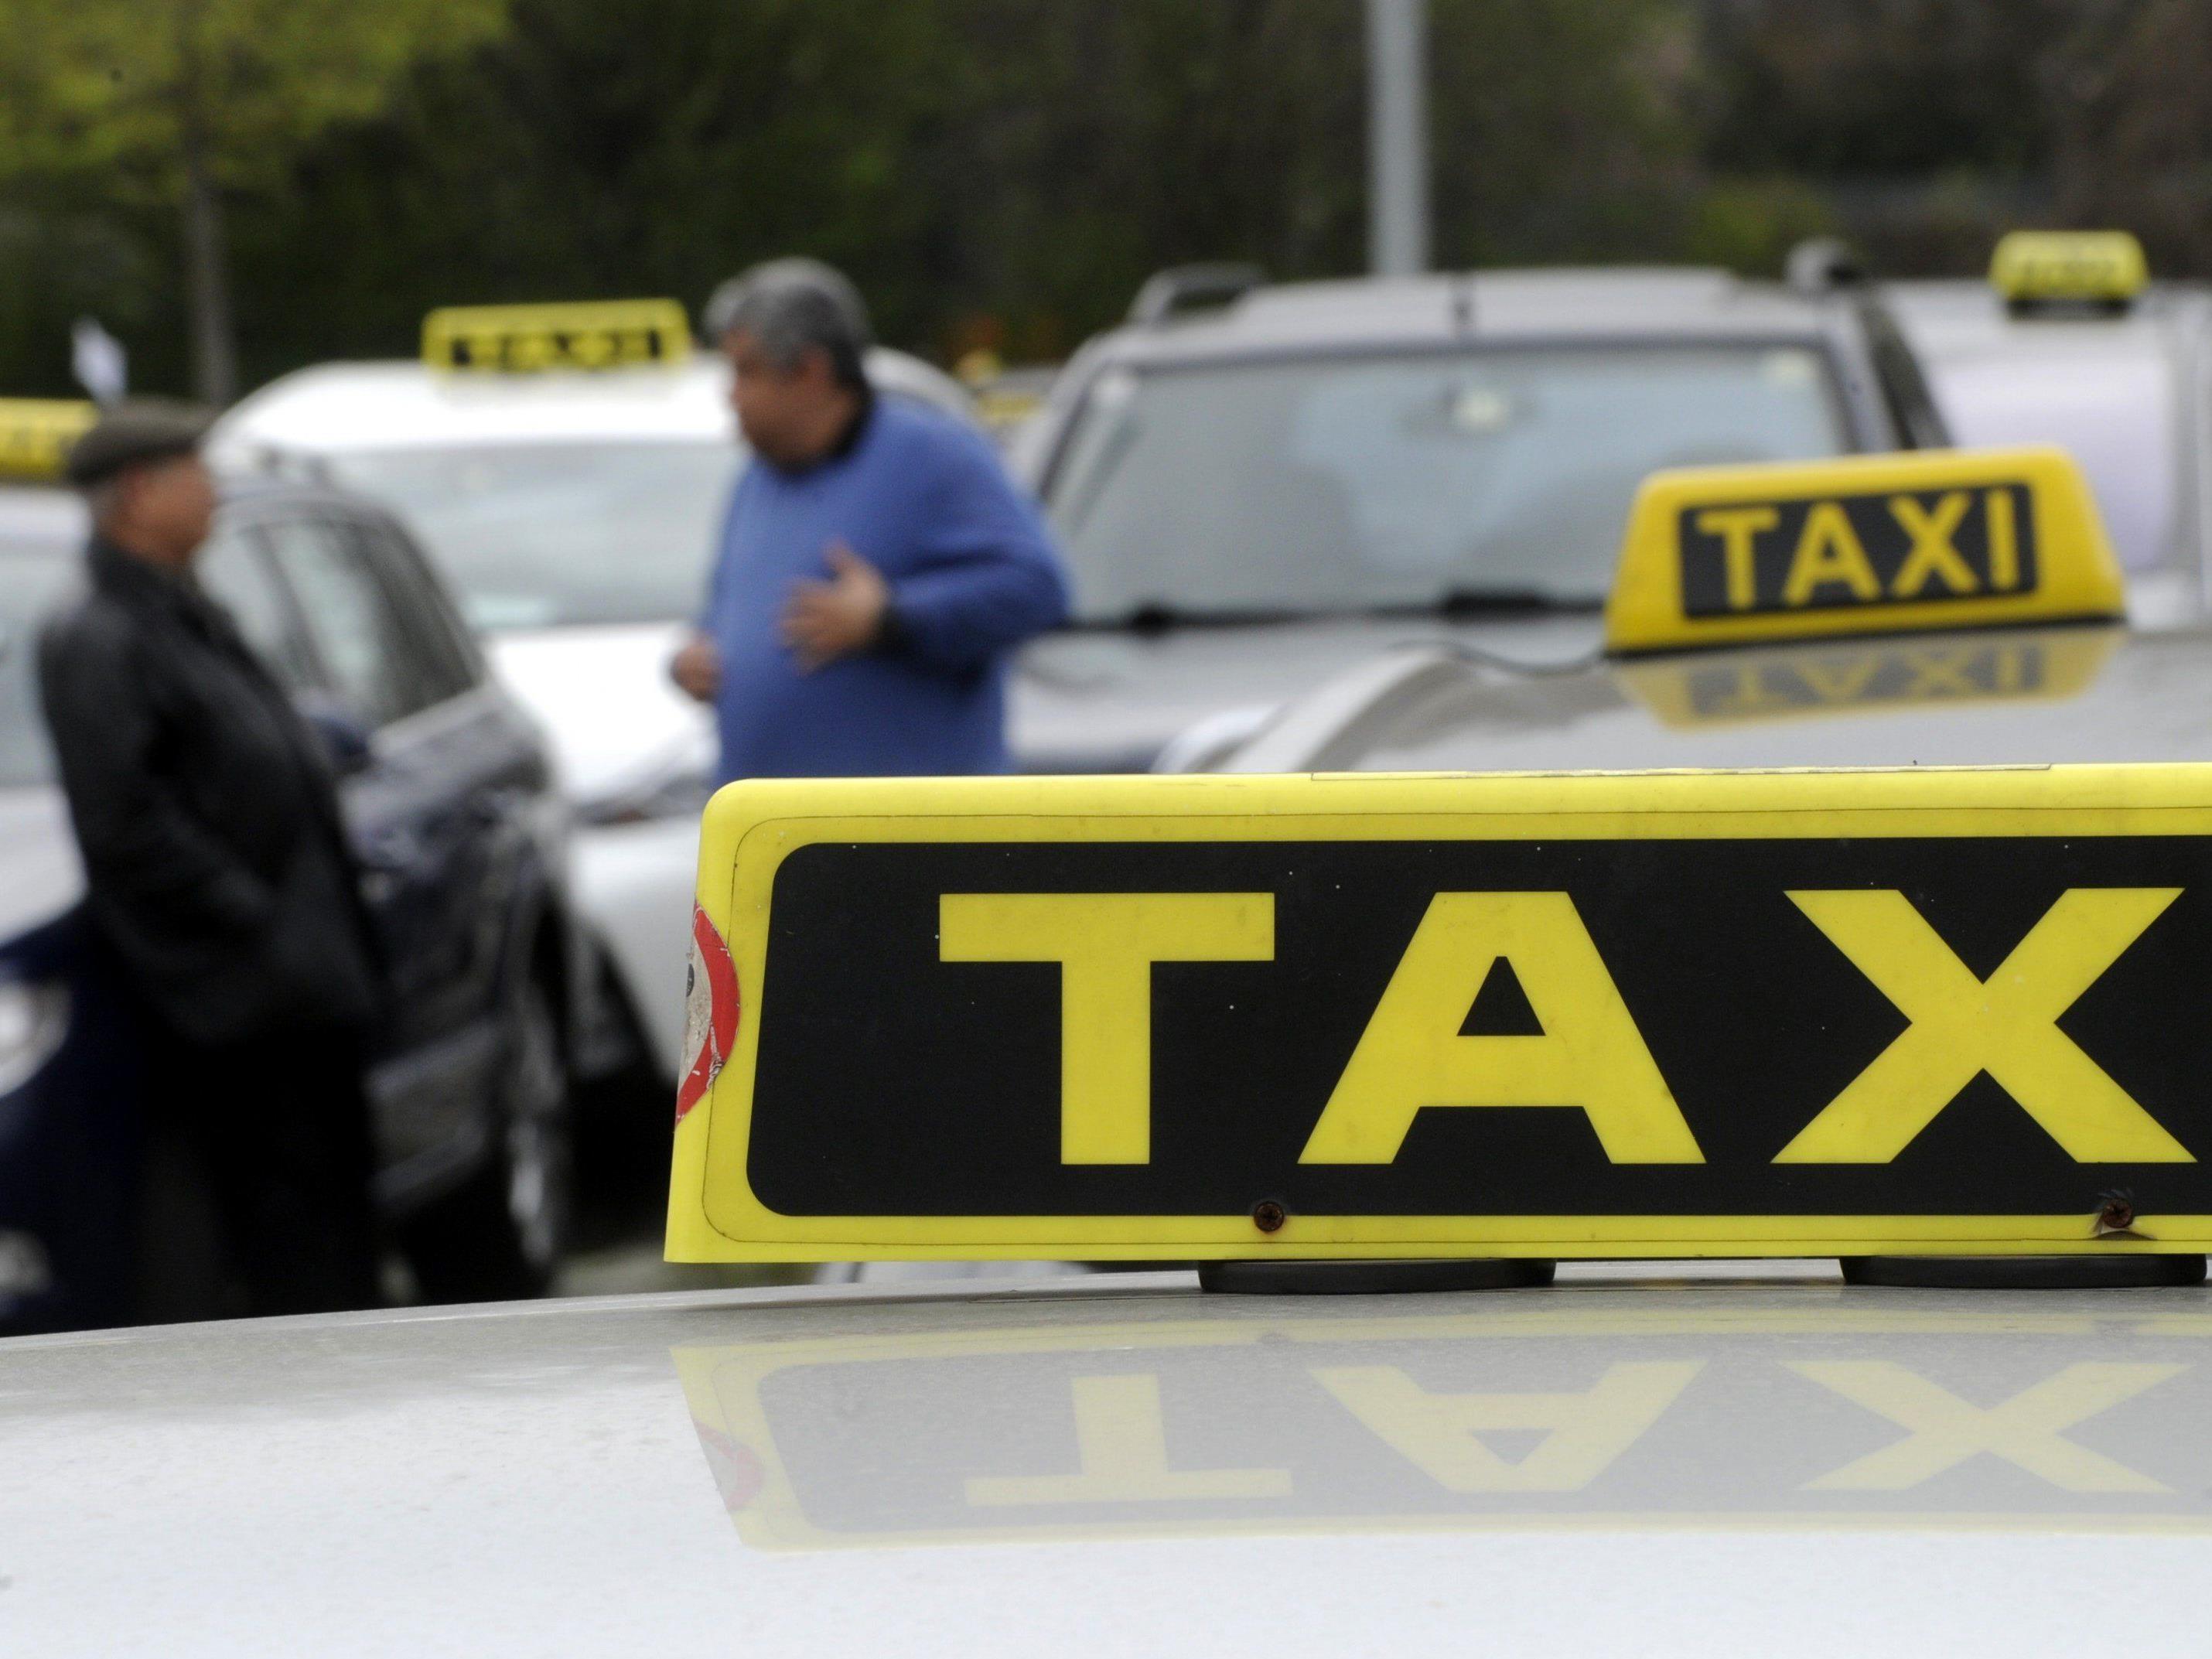 Die Wiener Taxifahrer stellen sich einem harten Konkurrenzkampf.